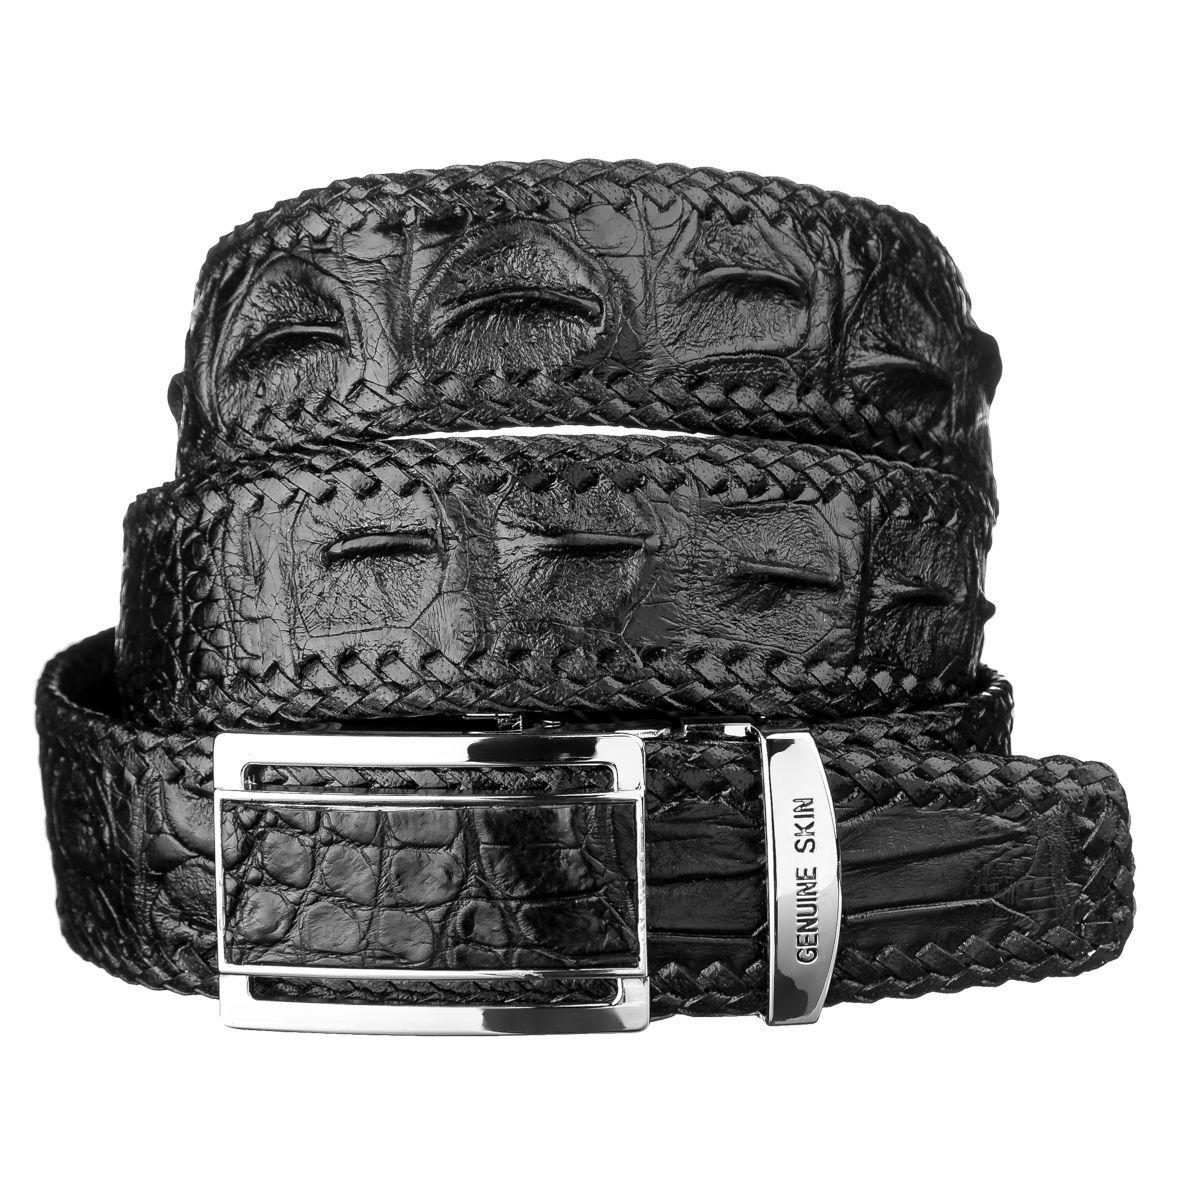 Ремень-автомат CROCODILE LEATHER 18010 из натуральной кожи крокодила Черный